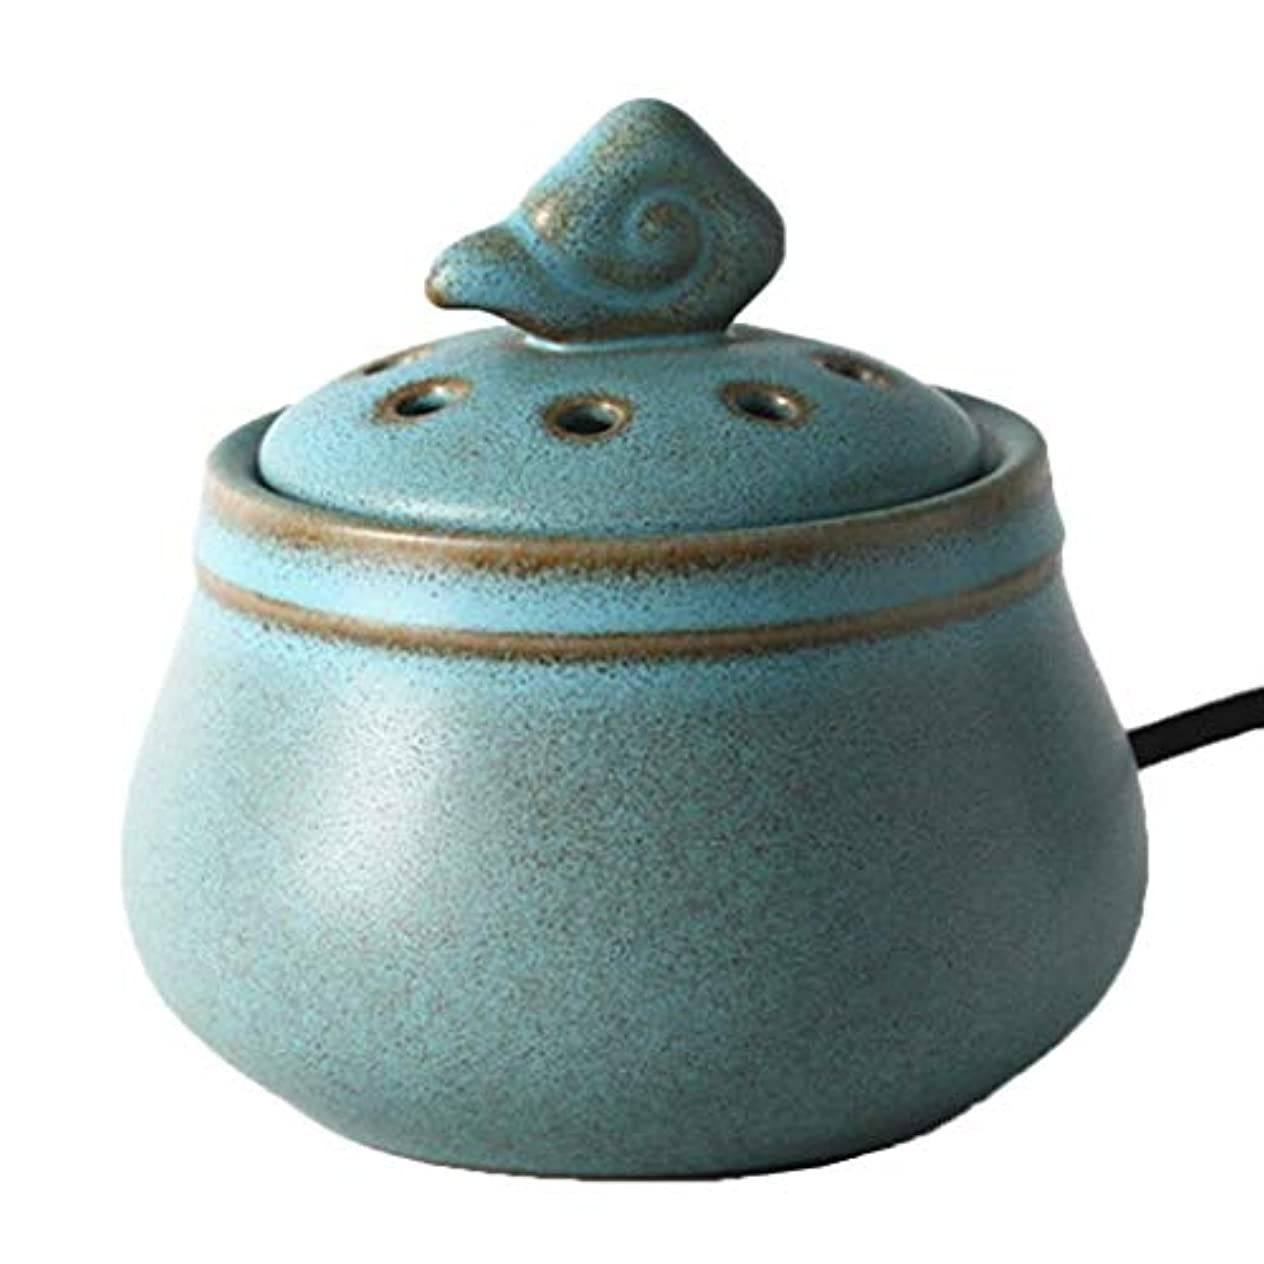 補う意図強いMYTDBD 多色アロマディフューザーホームセラミック電気炉ディフューザー香炉 (Color : Blue, Size : A)